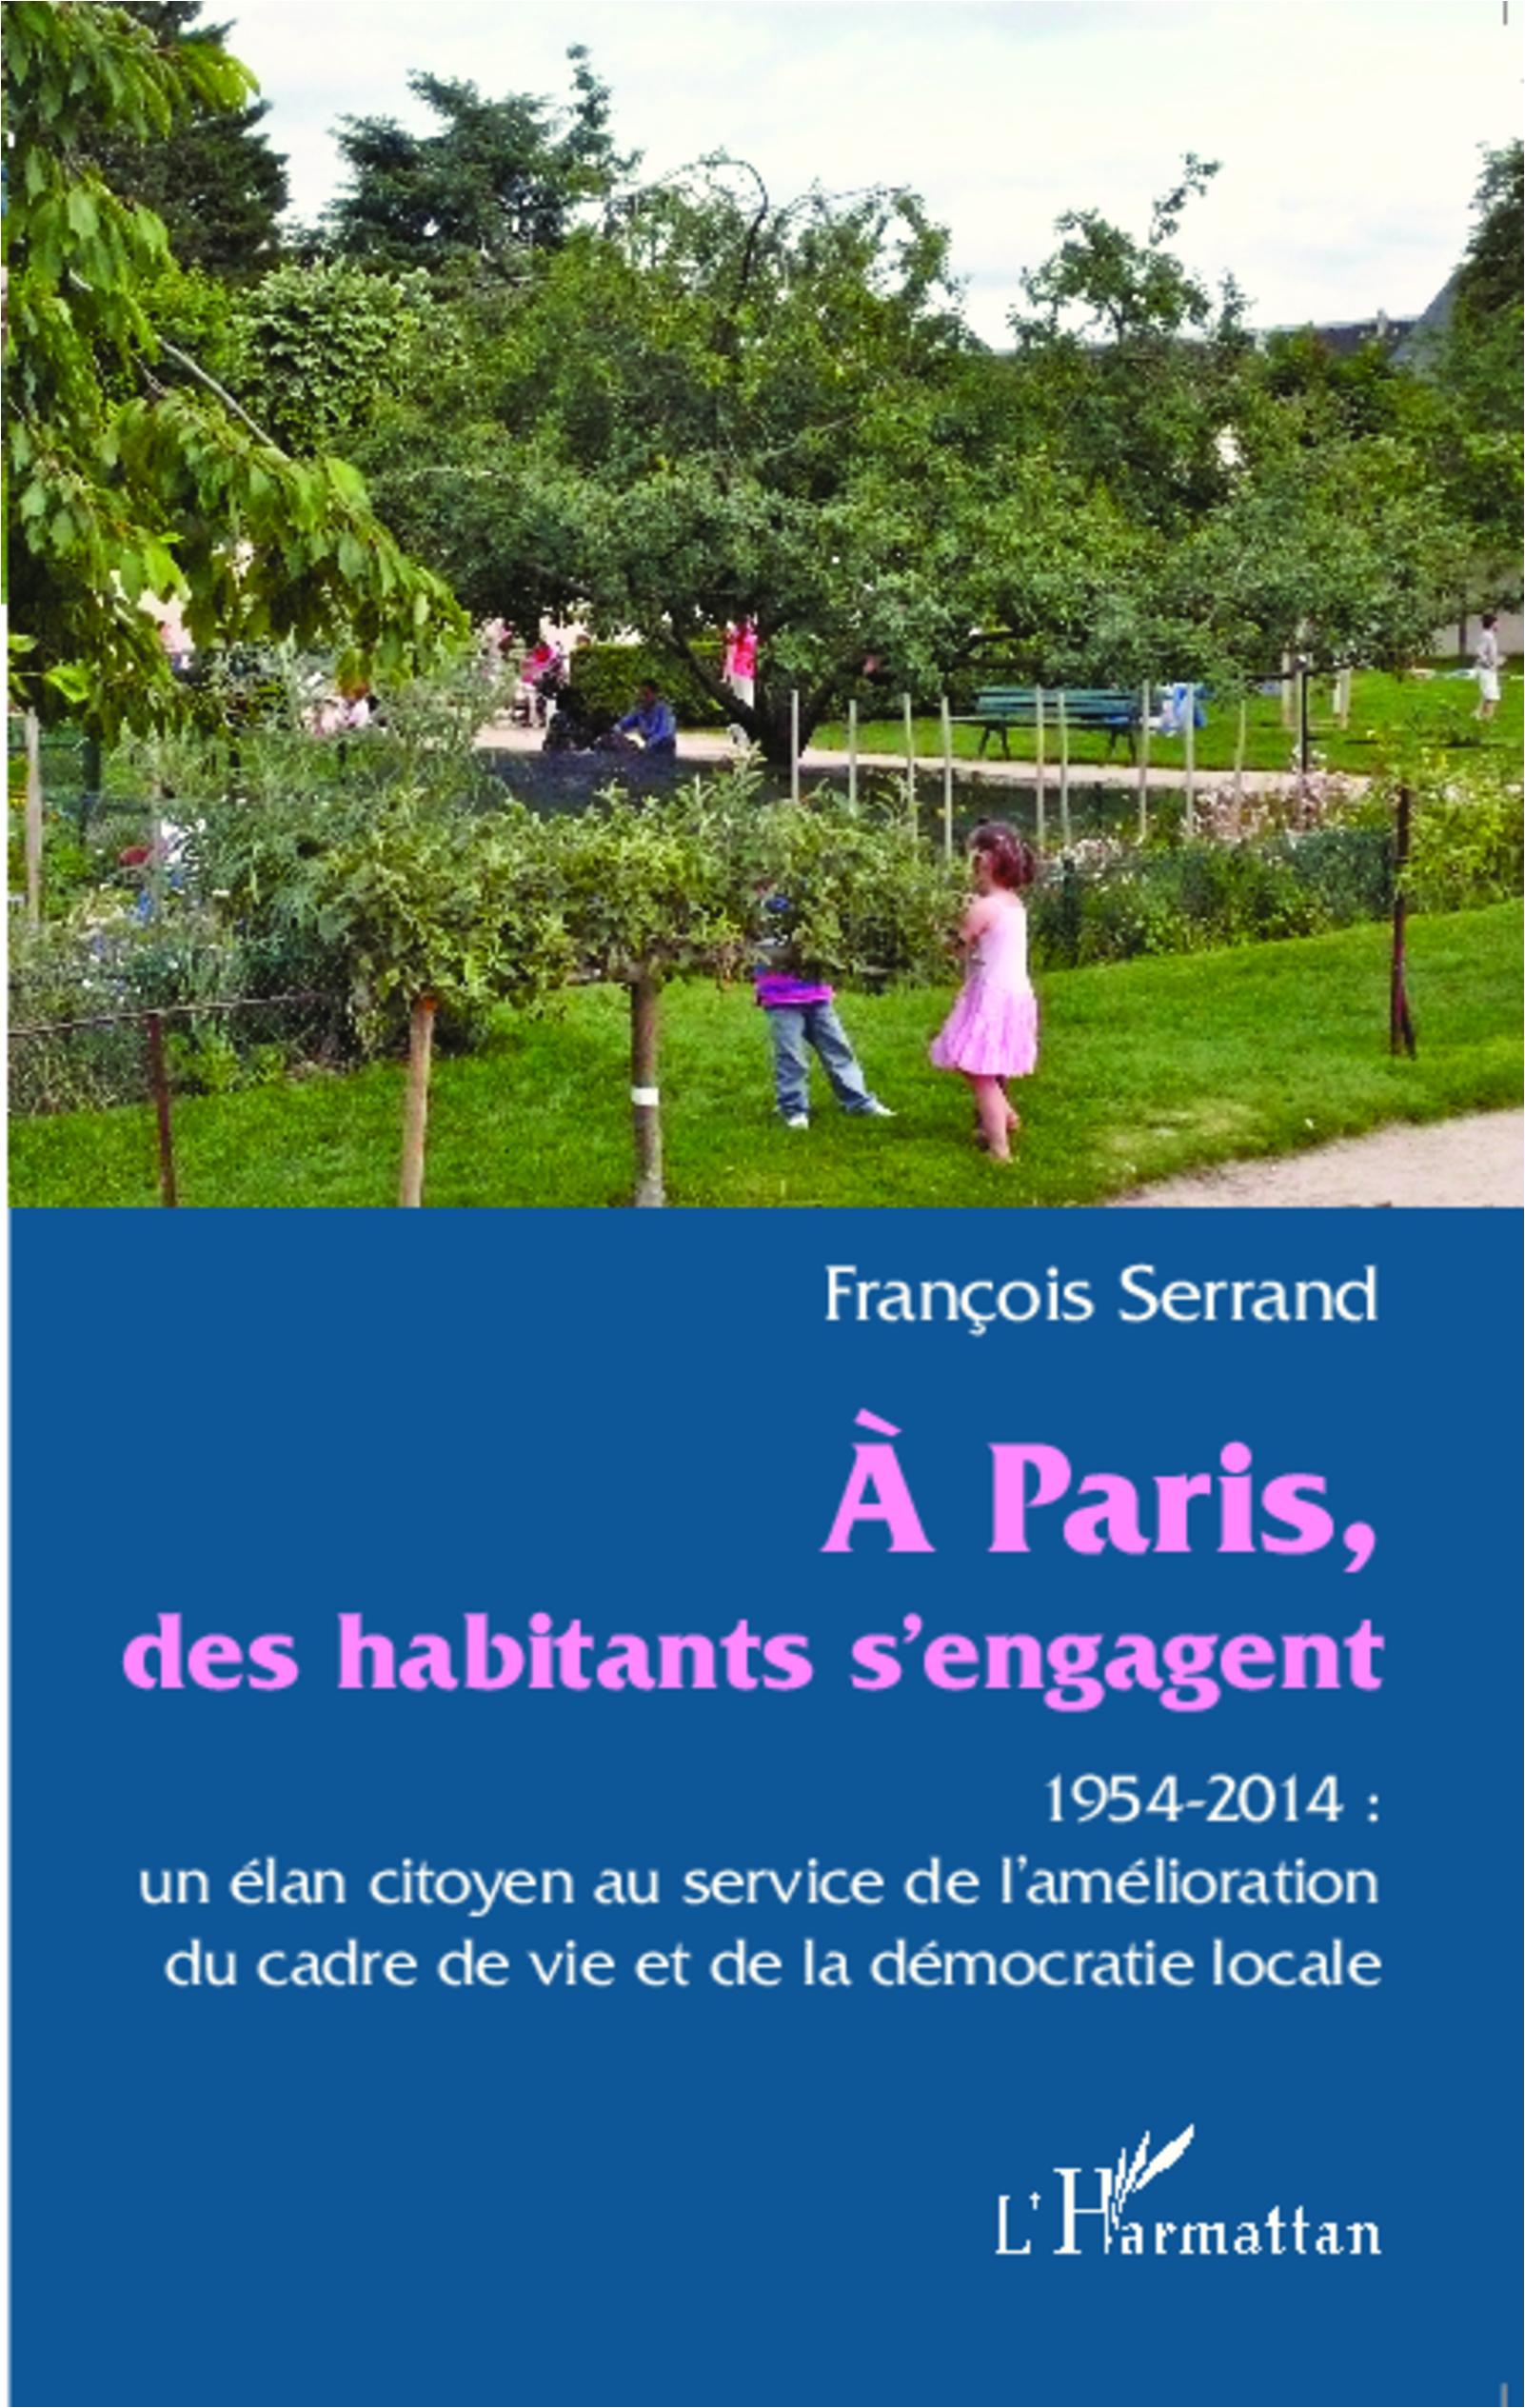 A Paris des